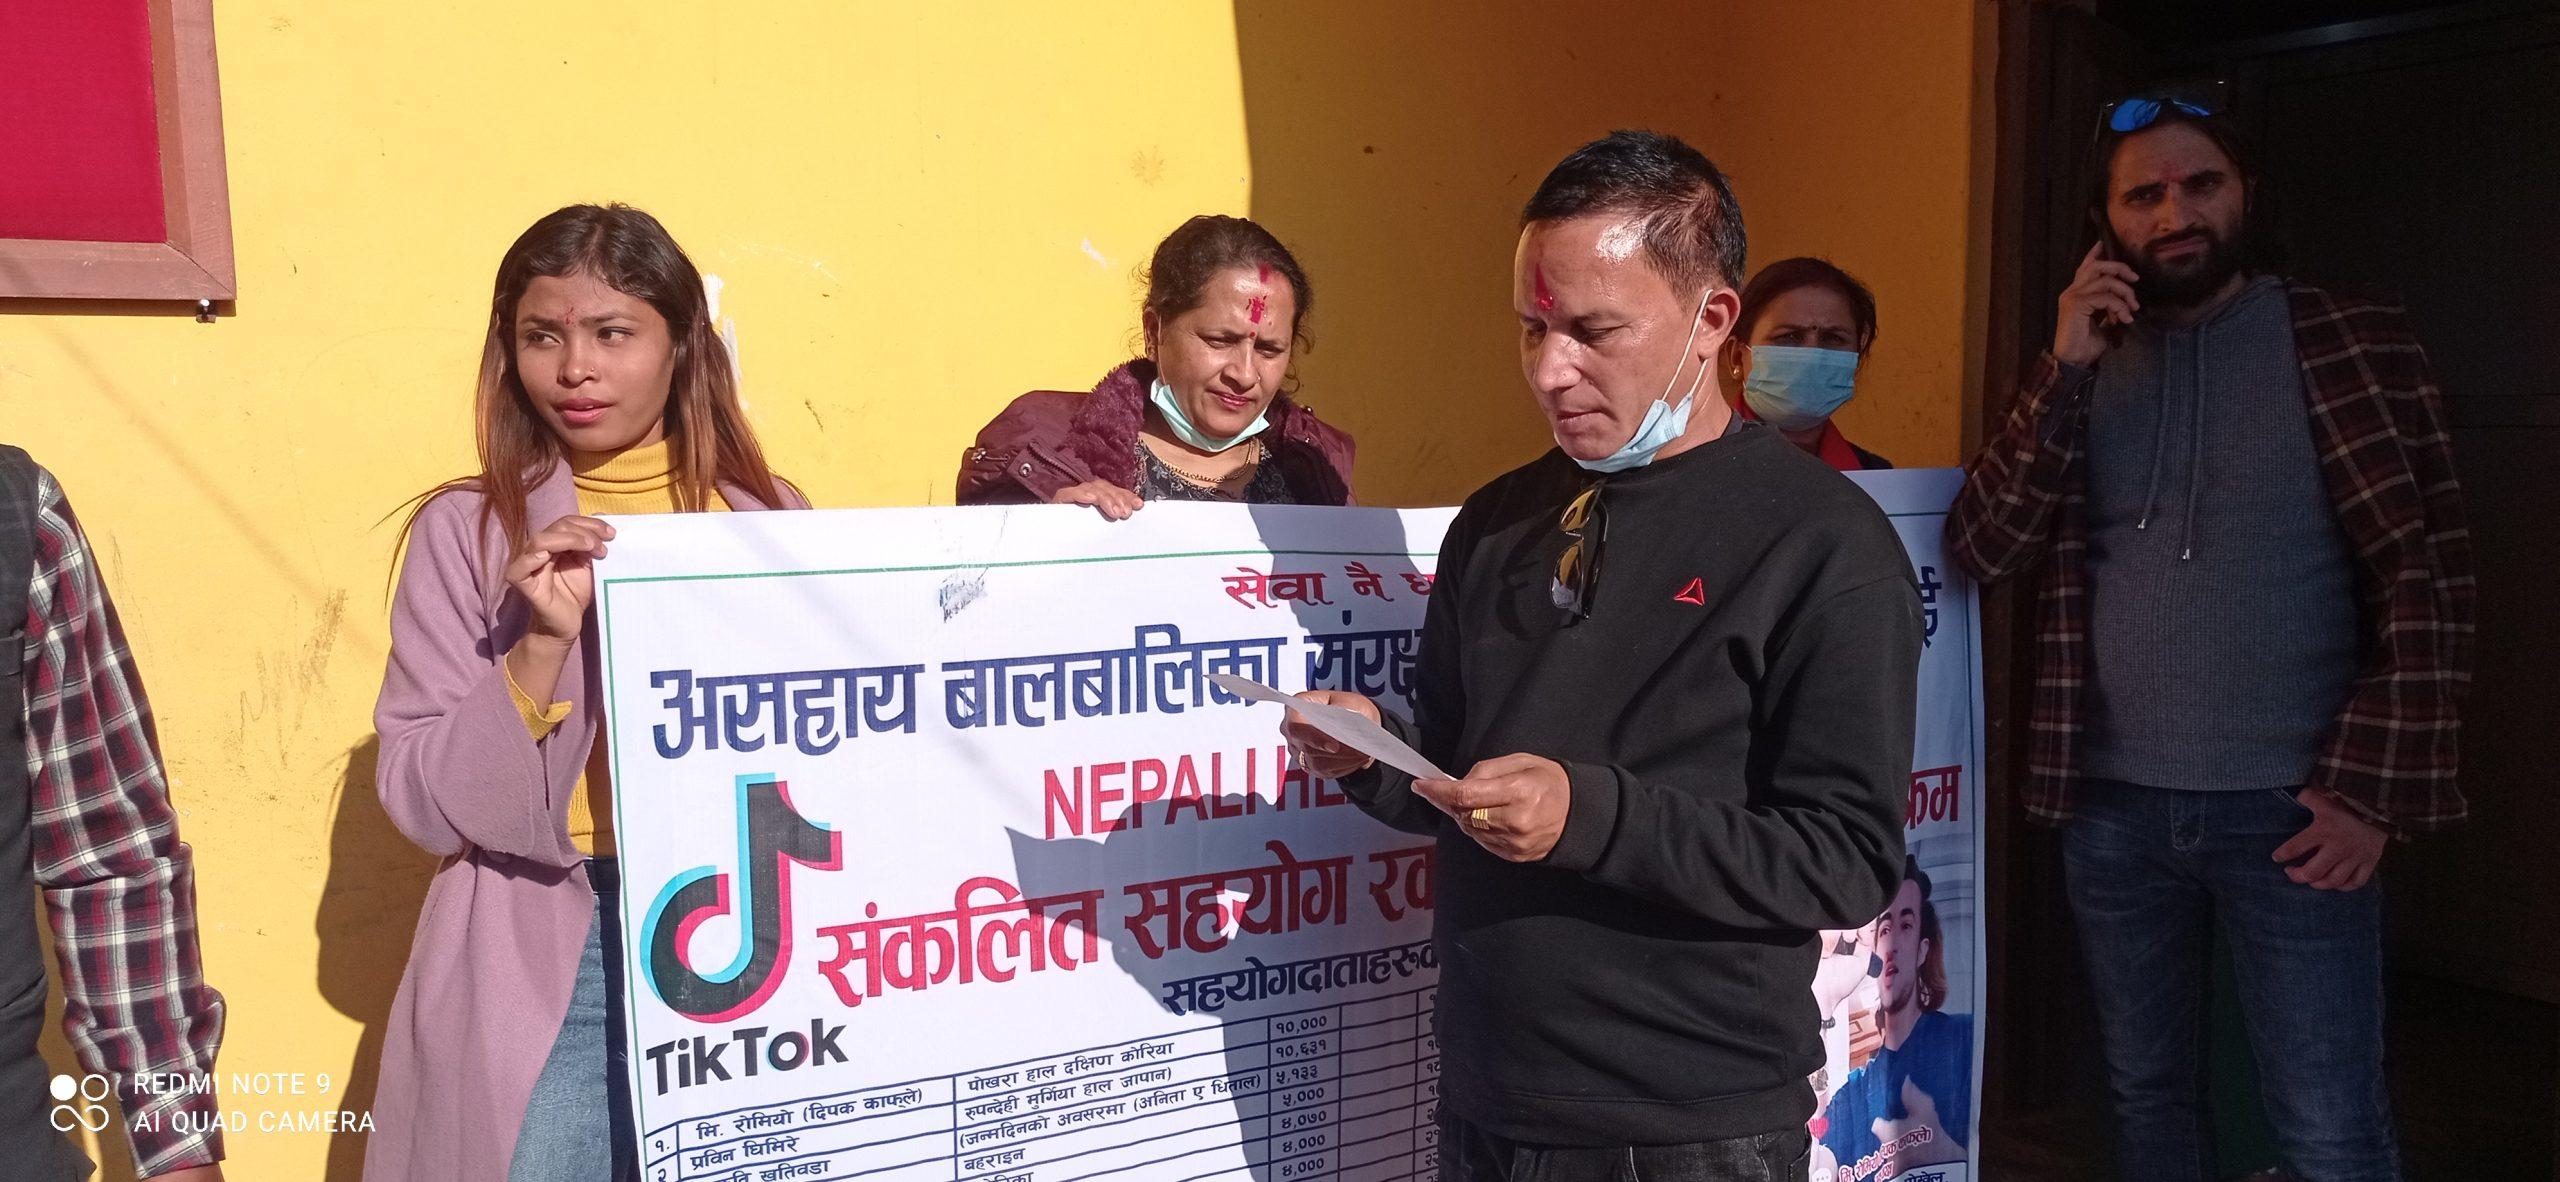 प्युठानबाट बर्दिया पुगेर नेपाली हट ग्रुपद्वारा सहयोग हस्तान्तरण